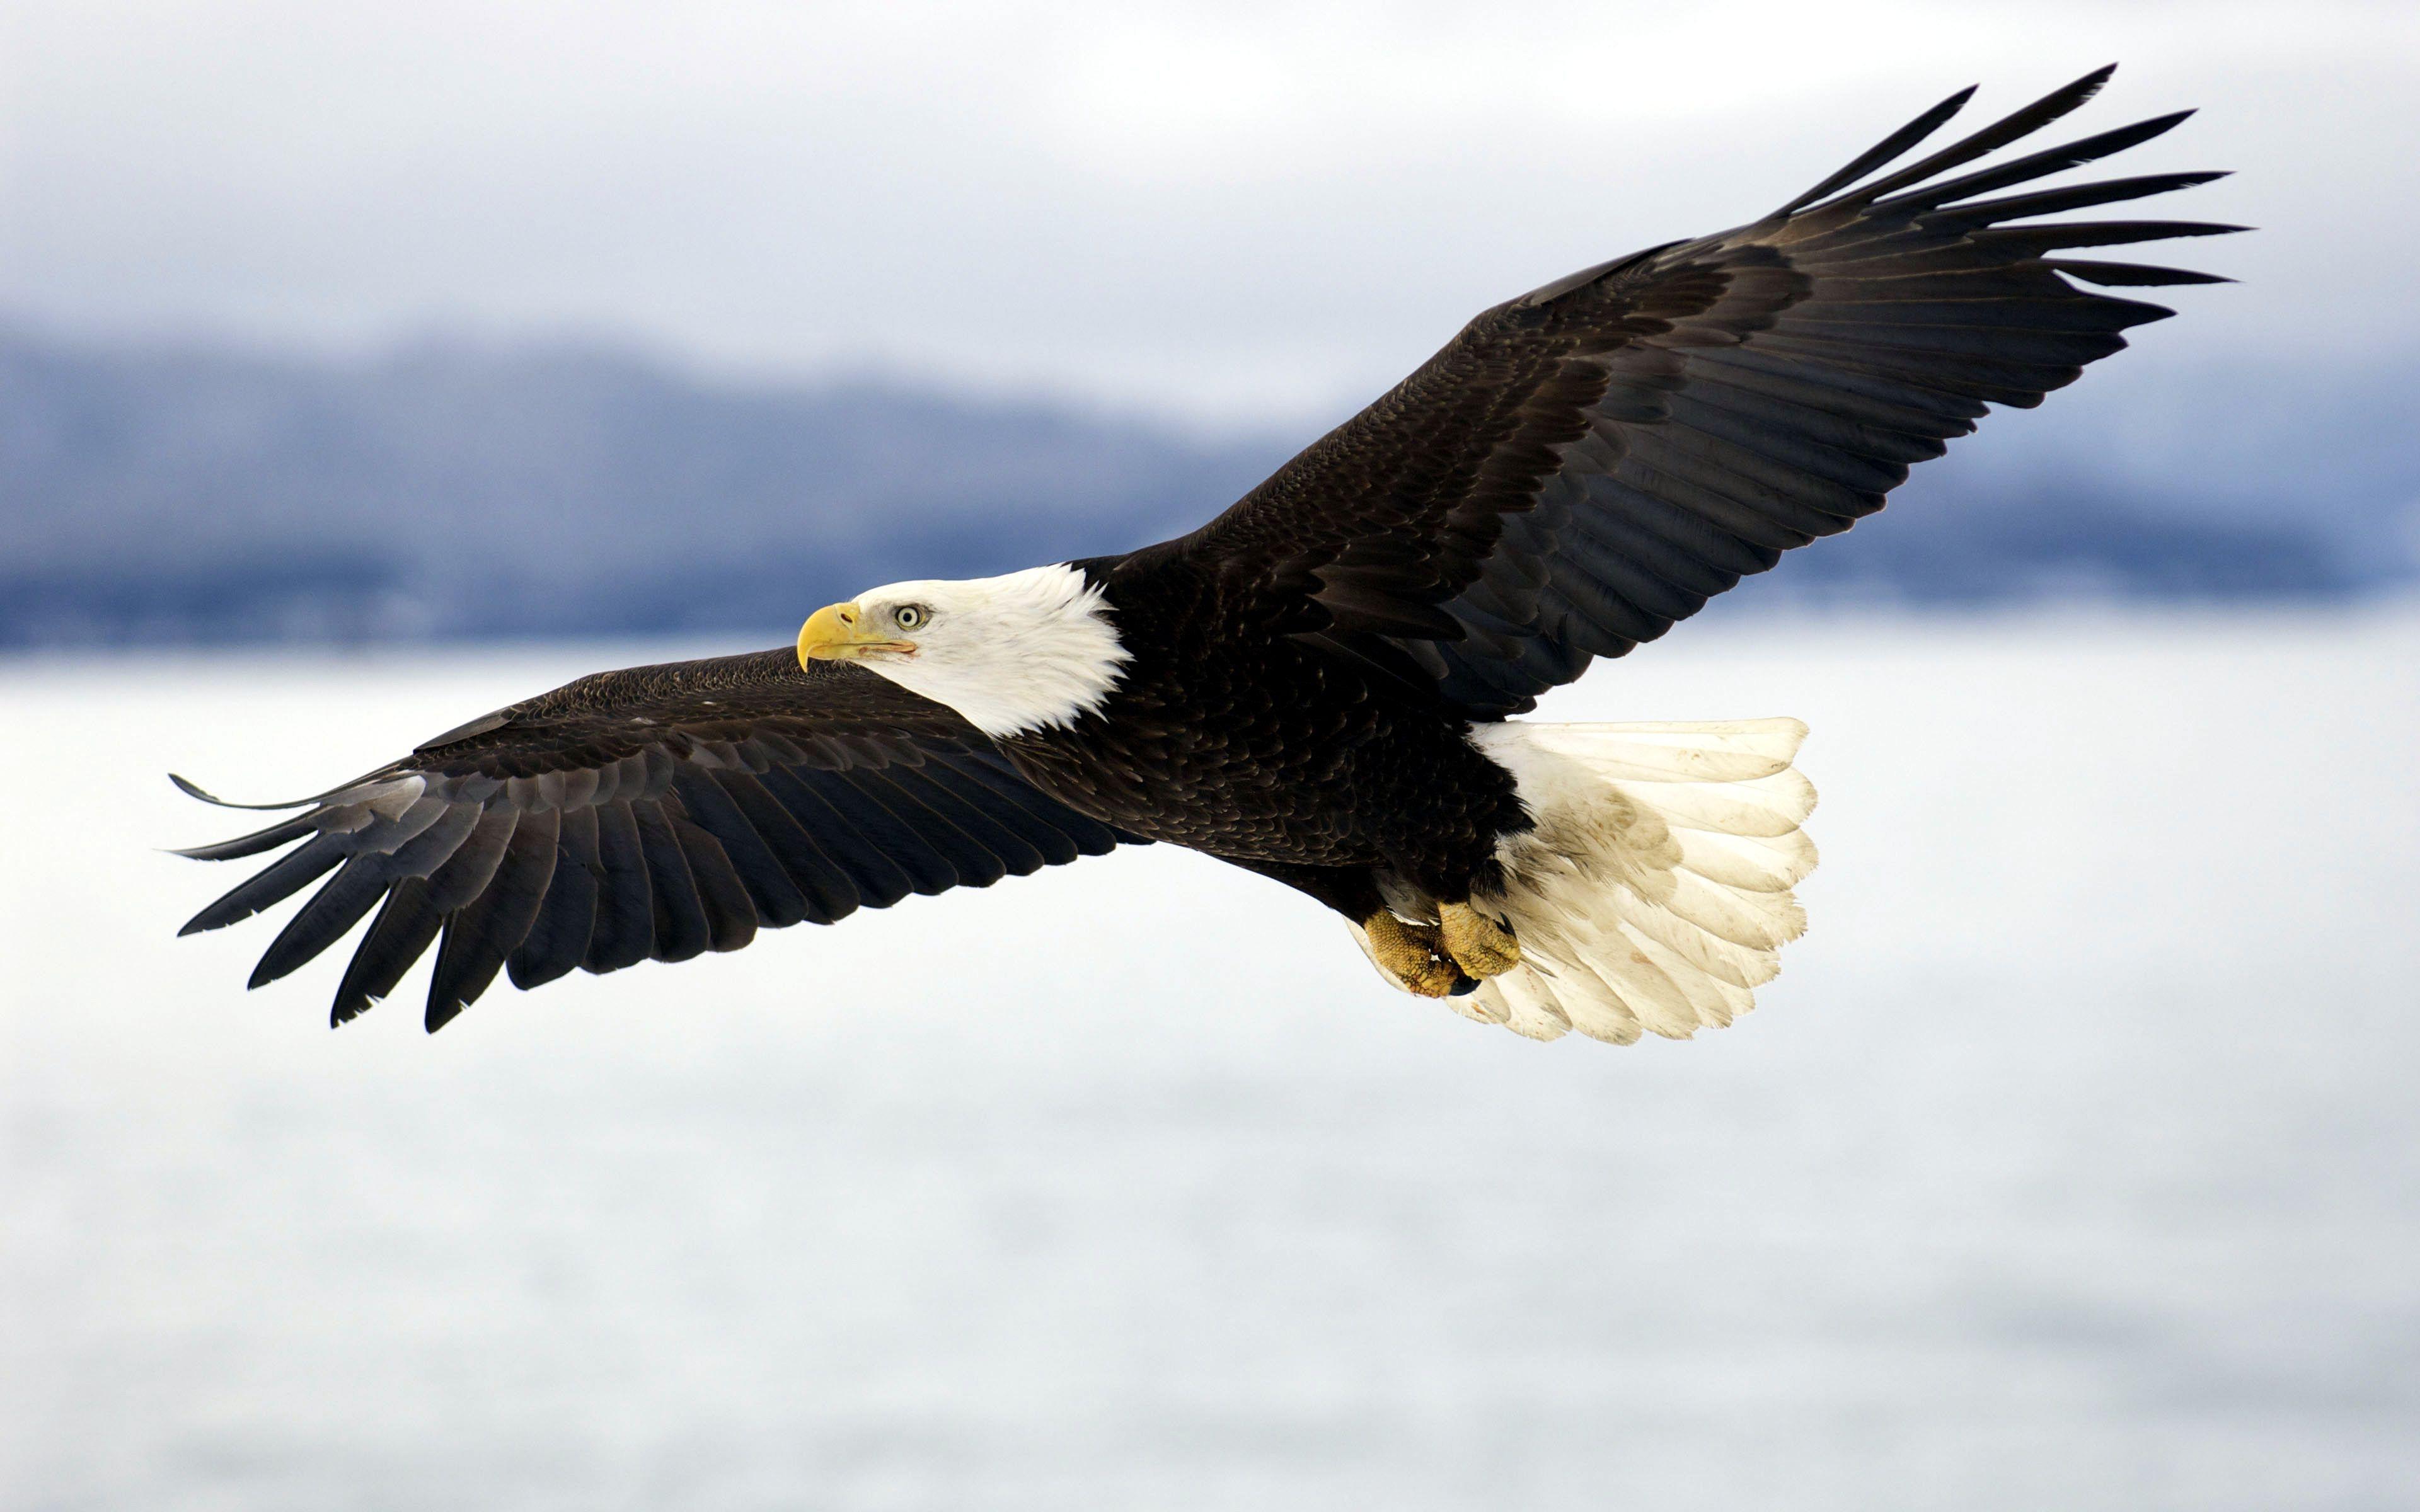 animal eagle wallpapers (desktop, phone, tablet) - awesome desktop